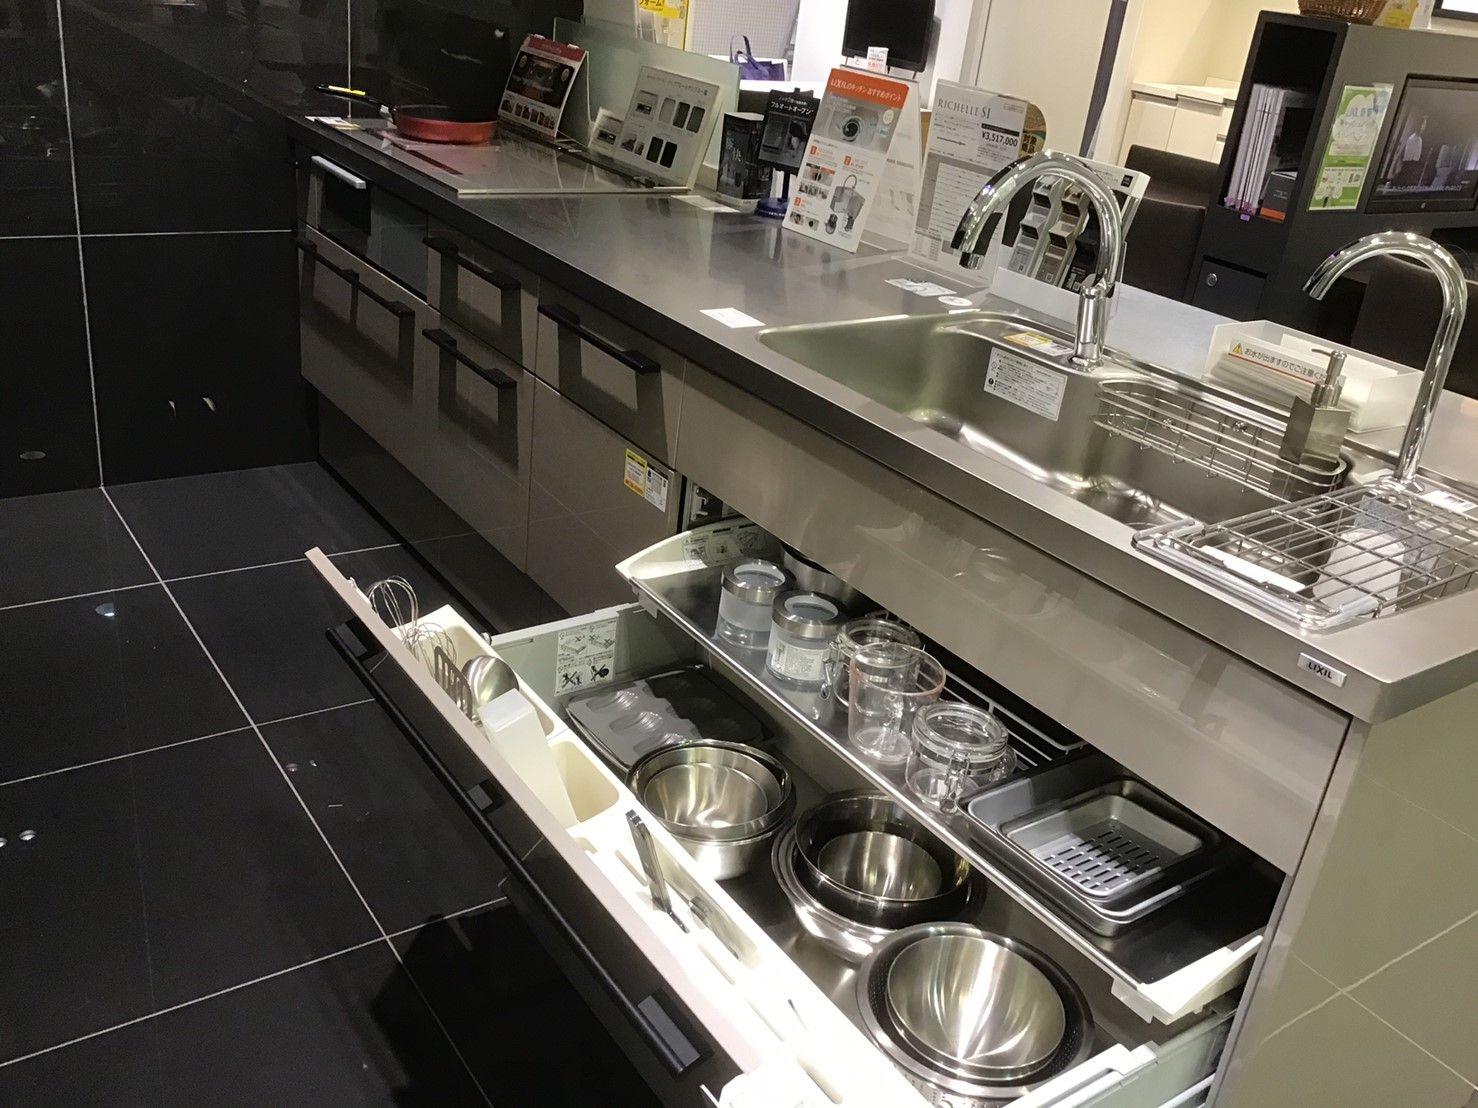 リクシルのキッチン 収納です キッチン リクシル 収納 キッチン収納 2020 キッチン リクシル 収納